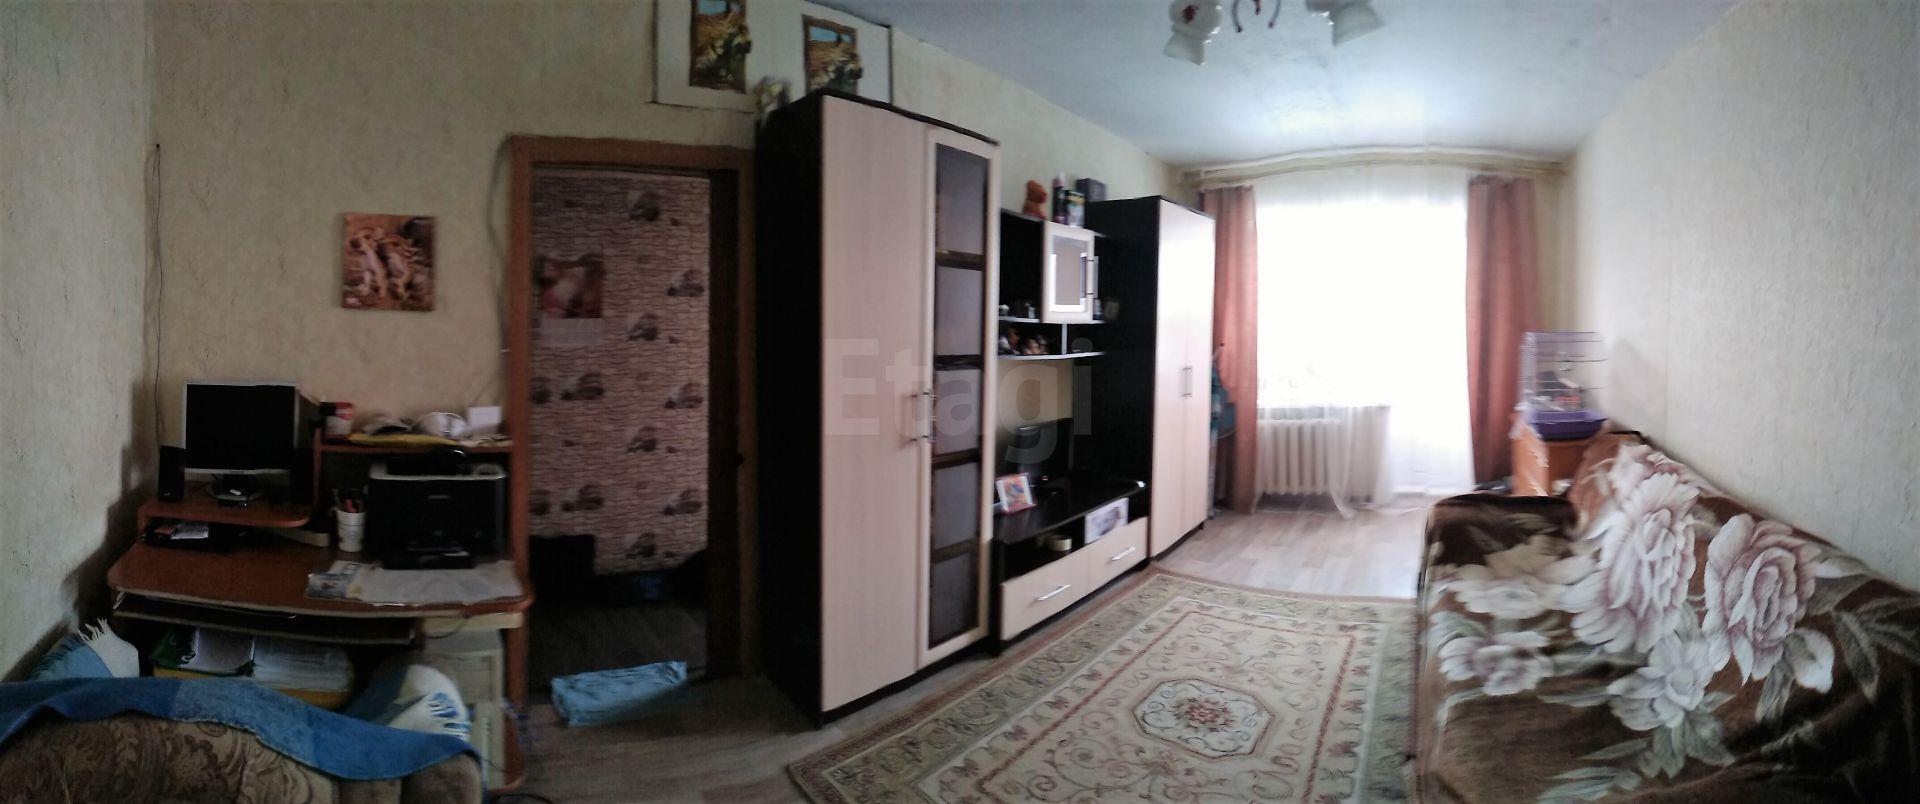 Продается двухкомнатная квартира за 1 747 000 рублей. Приокский, ул. Космонавтов, д. 4.